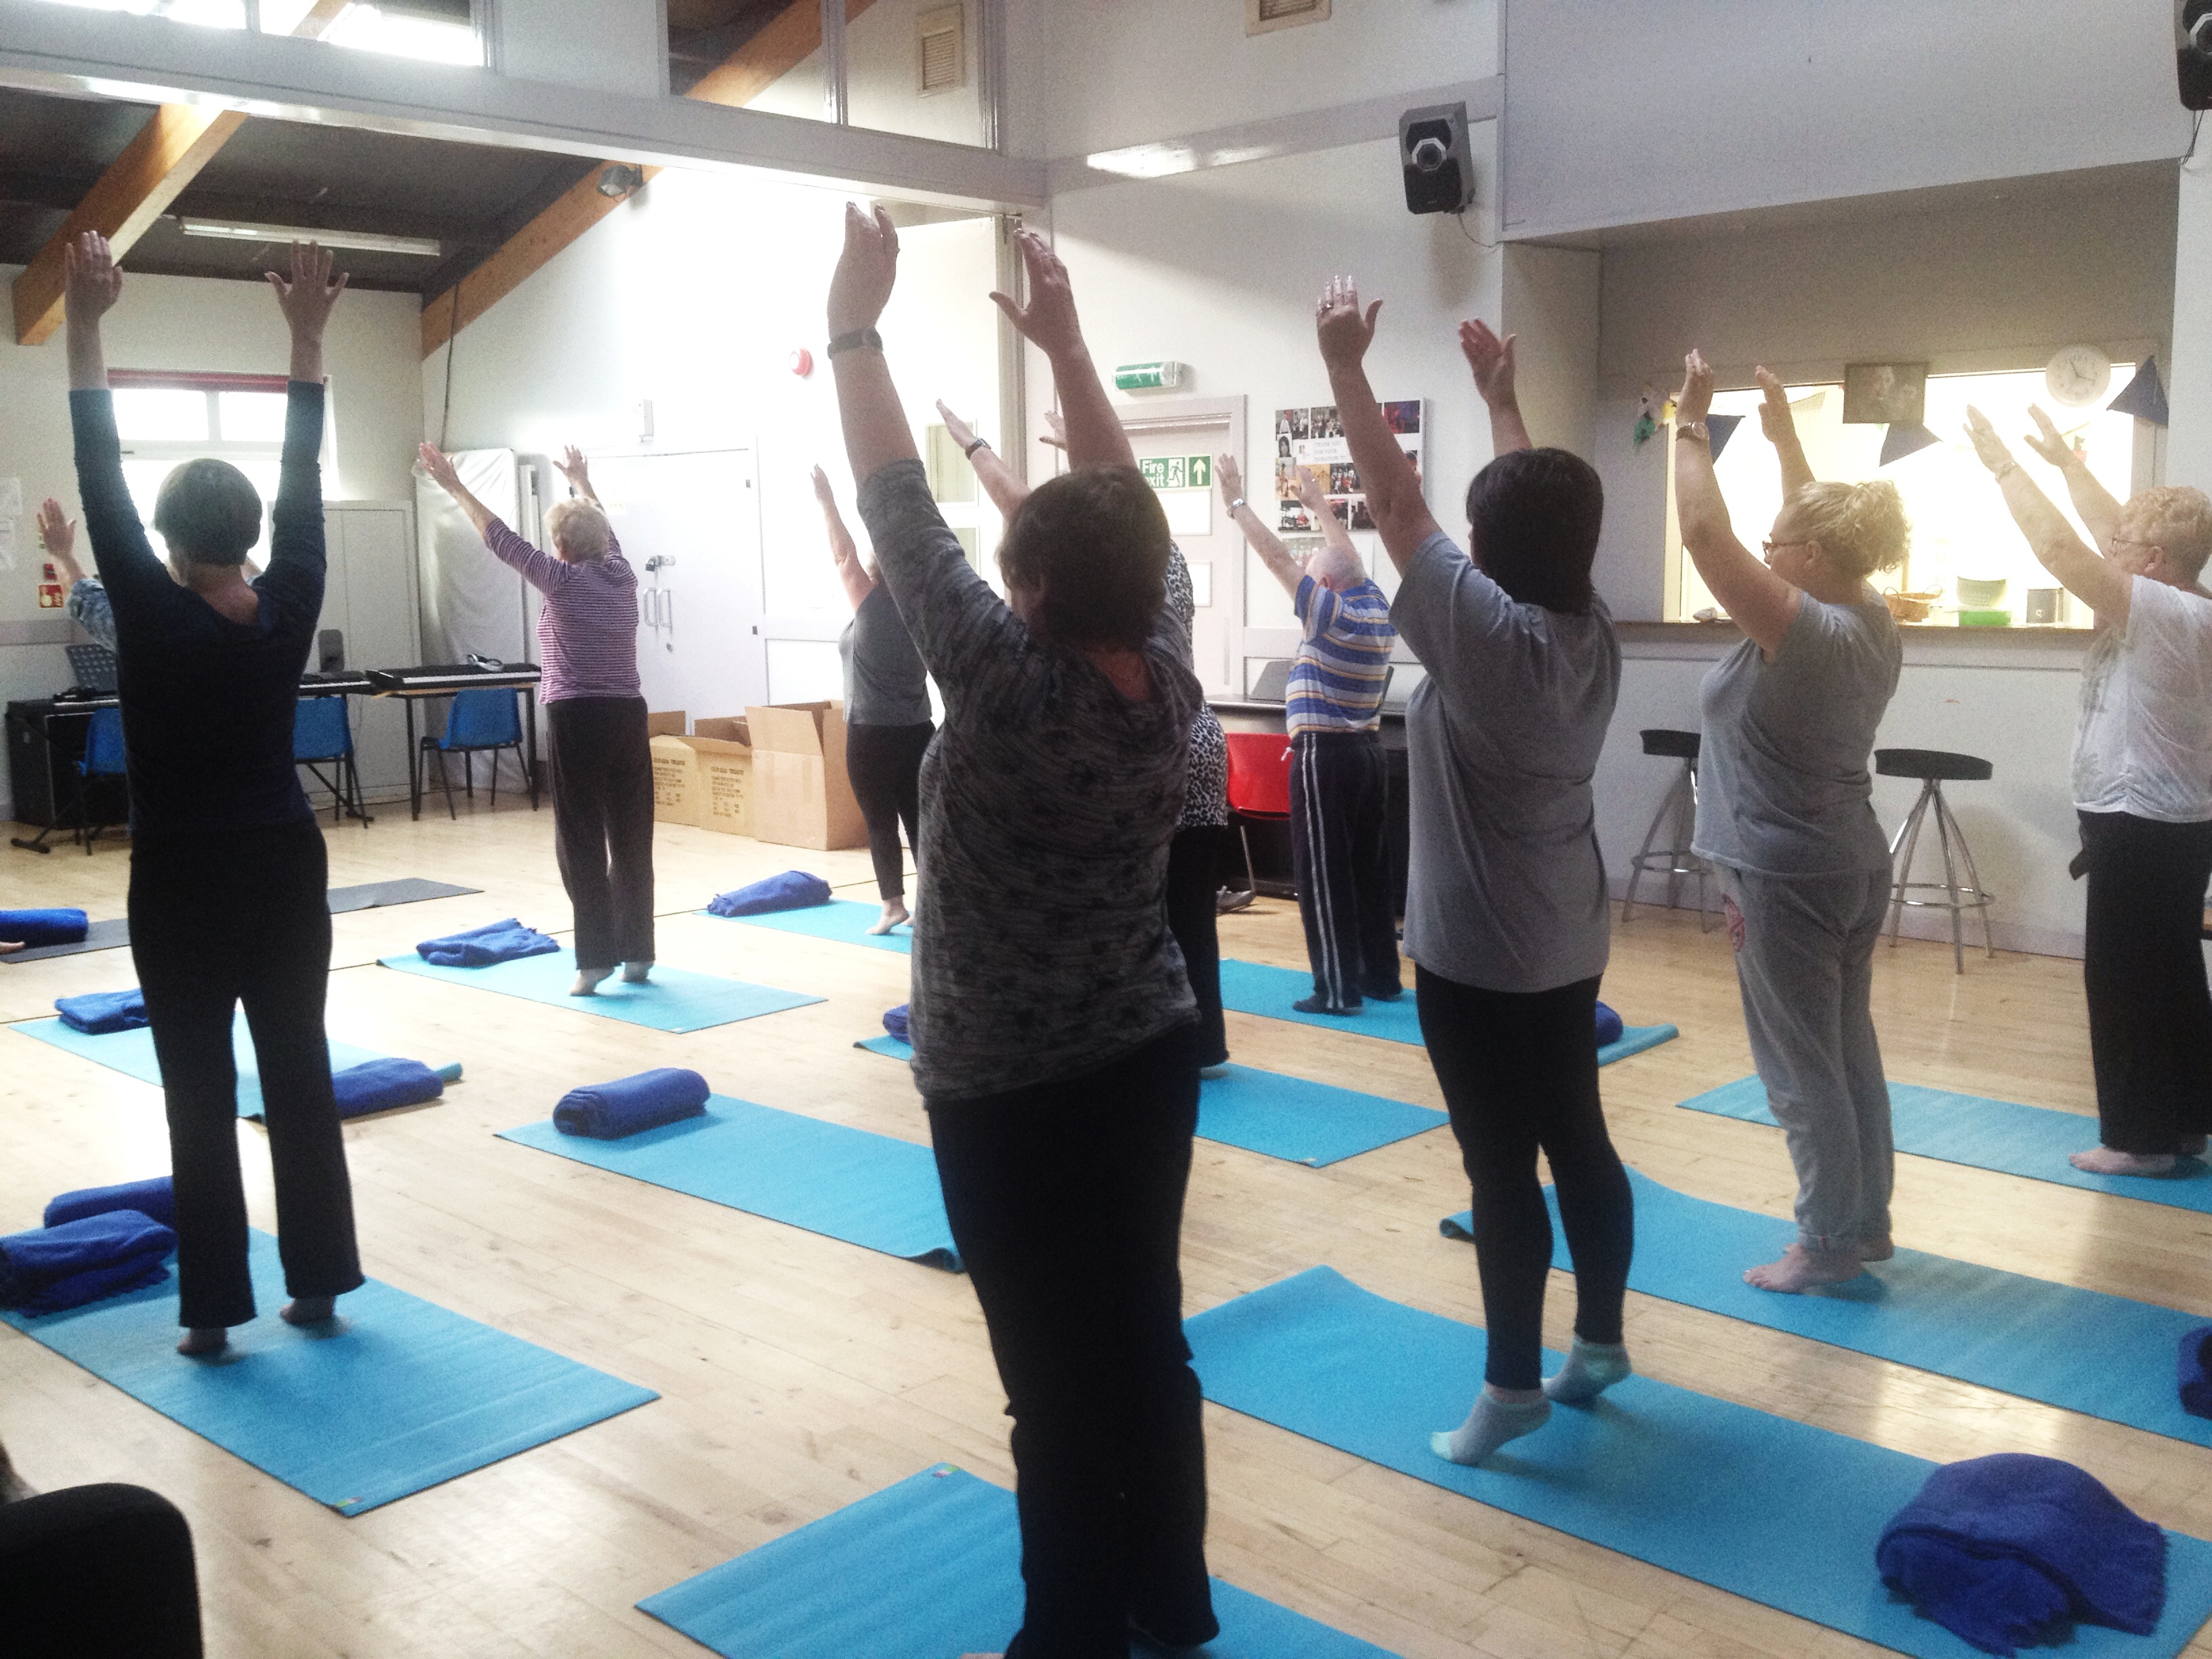 yoga 26 Oct 15